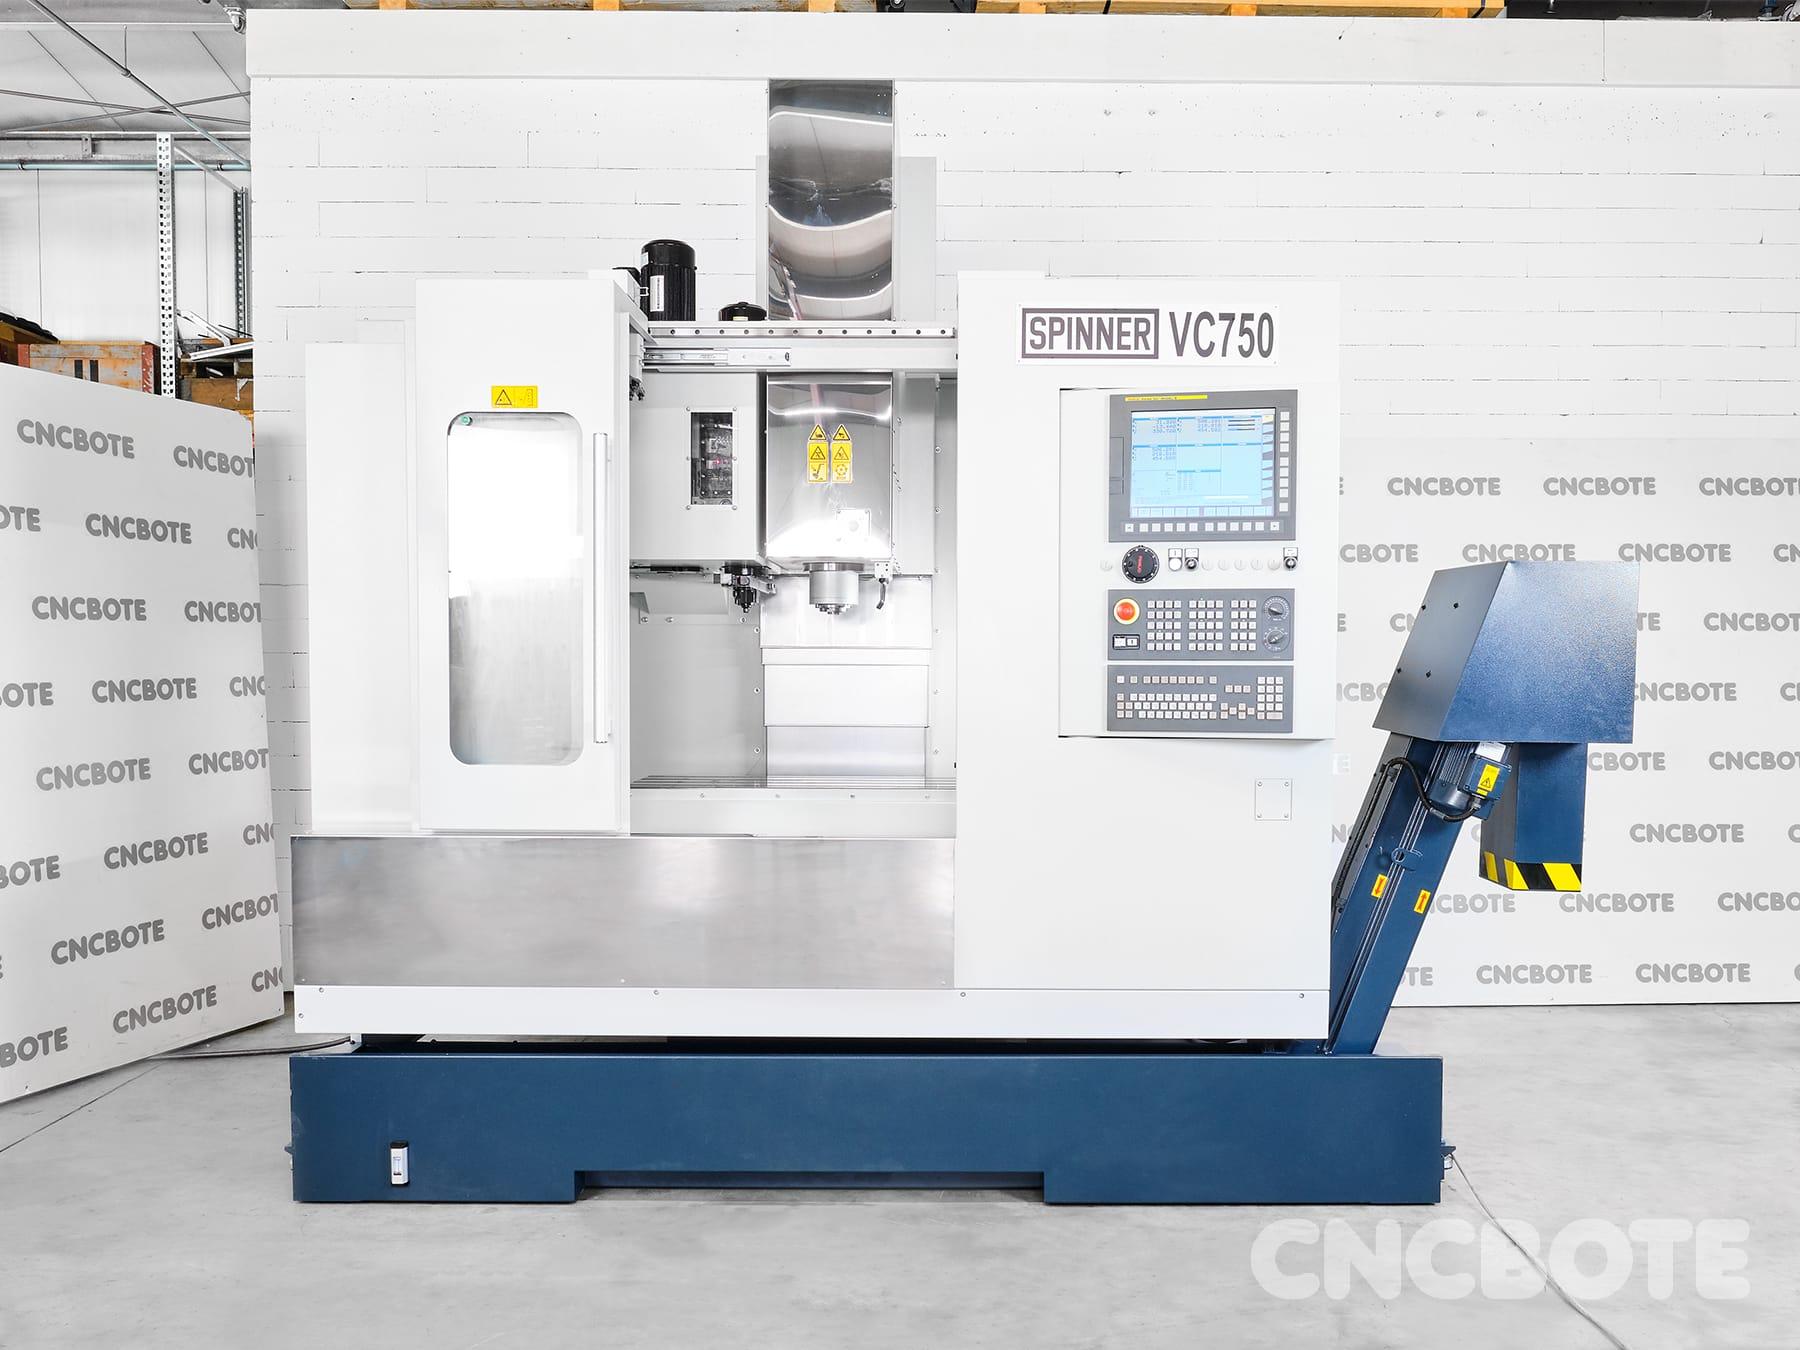 Spinner VC750-XL Bearbeitungszentrum